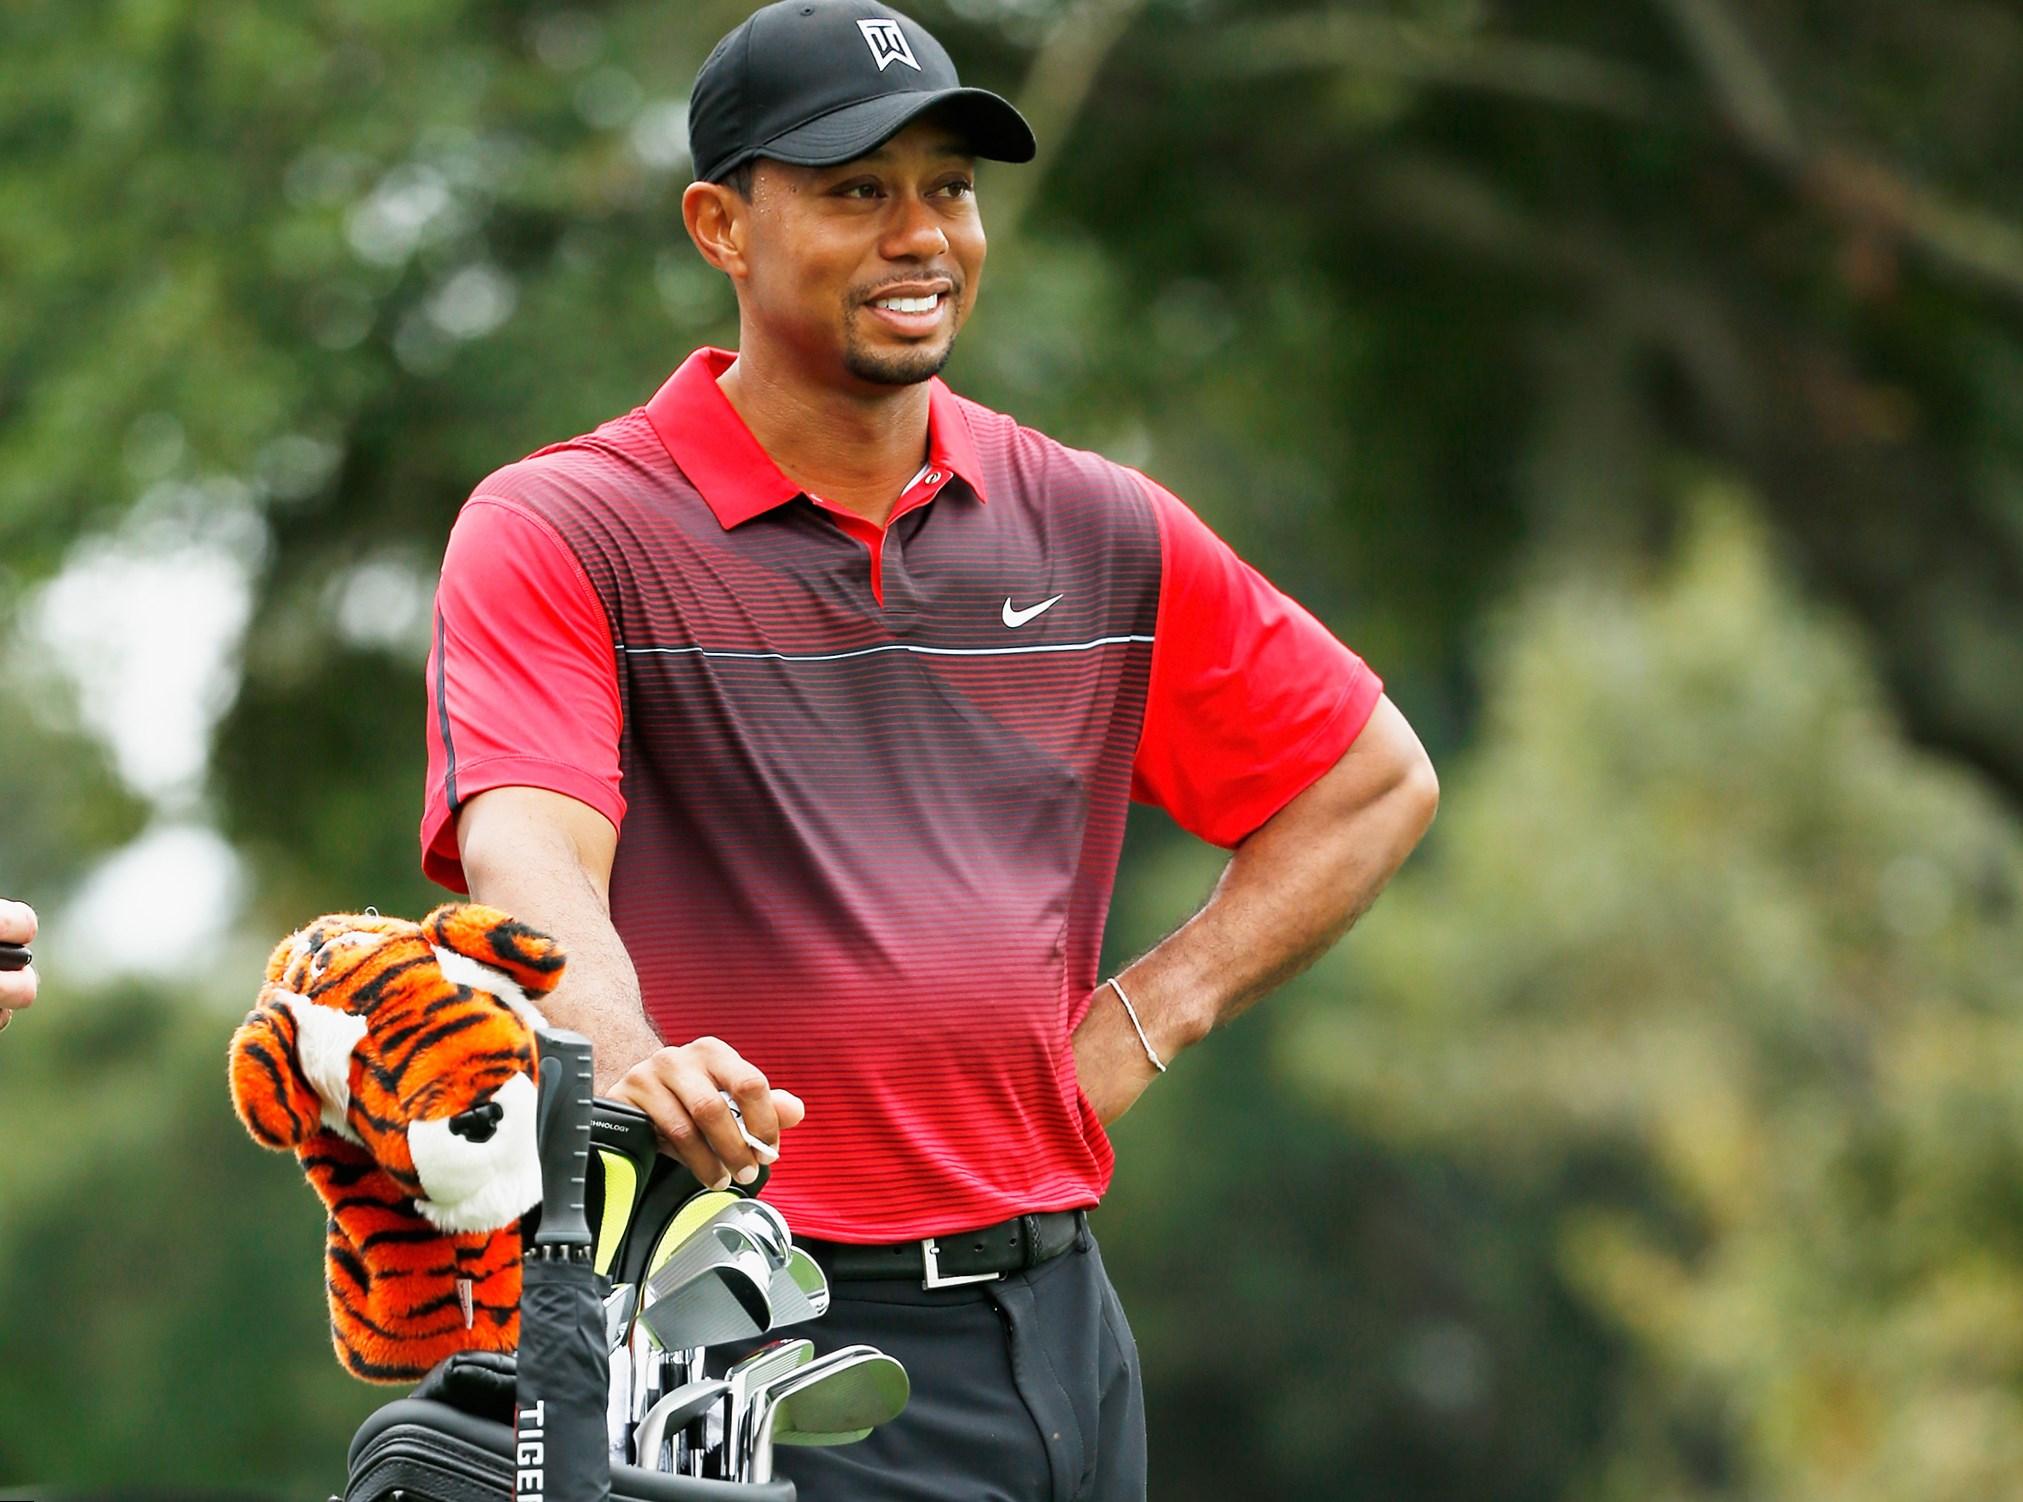 Tiger Woods' HOF Induction Delayed Until 2022